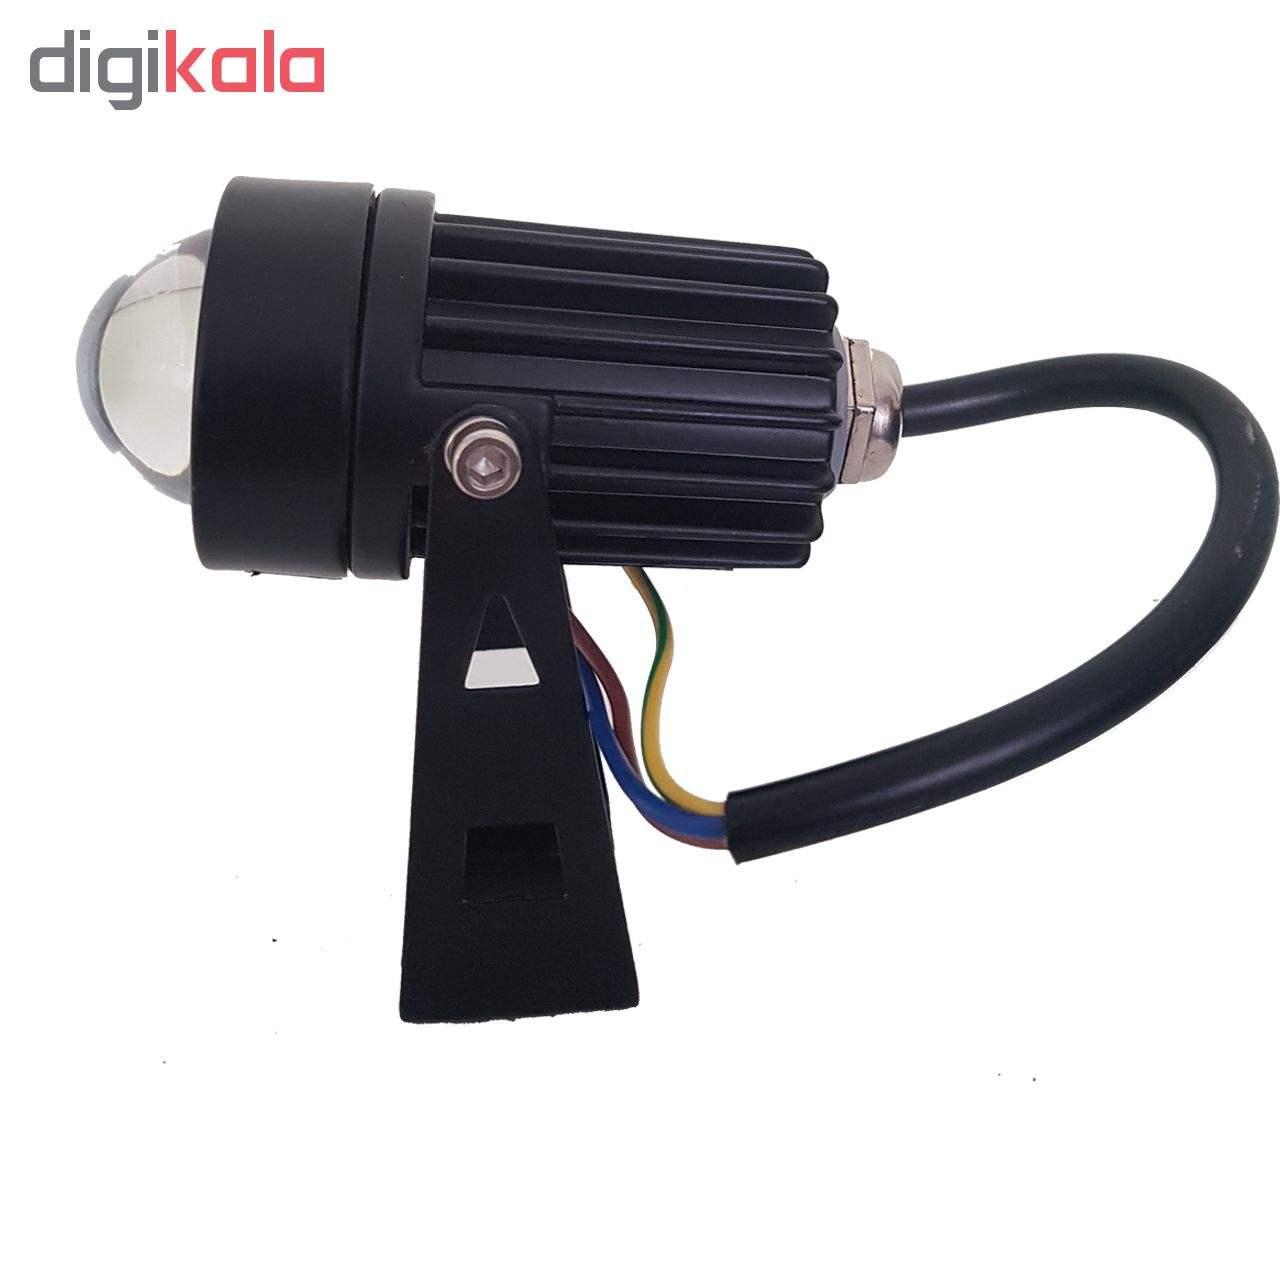 چراغ جت لایت 5  وات مدل i05j main 1 2